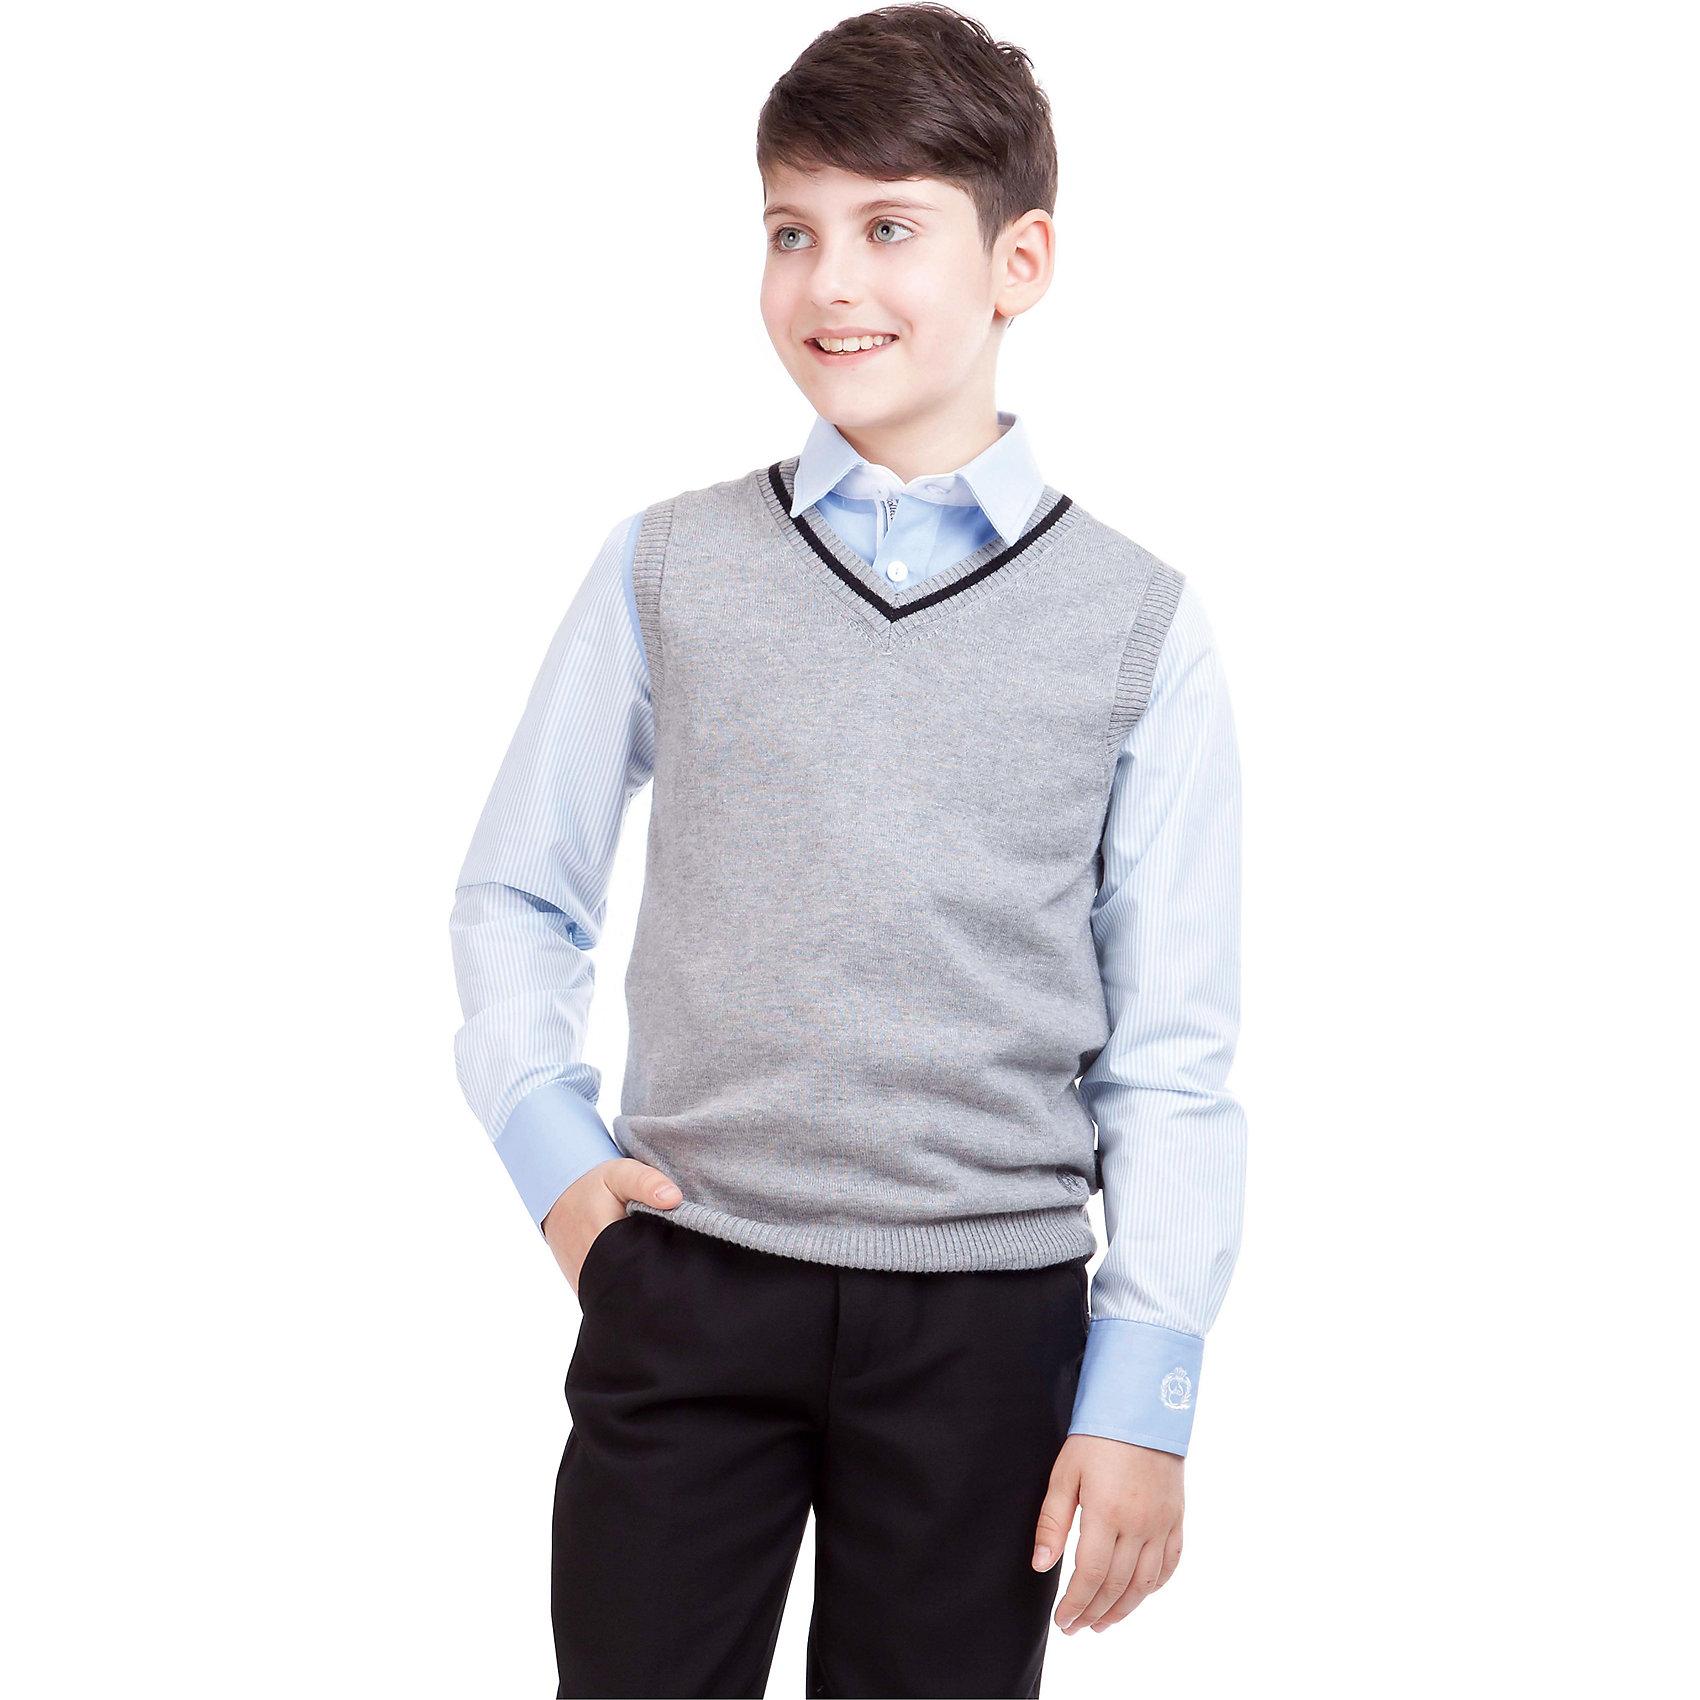 Жилет для мальчика GulliverЖилеты<br>Жилет для мальчика от российского бренда Gulliver.<br>Являясь важным атрибутом школьной моды,  уютный вязаный жилет создает тепло и комфорт. Комбинация фактур и контрастные элементы выделяют жилет из базового ассортимента.  Сложный состав пряжи делает жилет  мягким  и очень комфортным в носке. В отделке вышивка с монограммой GSC (Gulliver School Collection).<br>Состав:<br>40% вискоза           25% шерсть          25% хлопок              10% нейлон<br><br>Ширина мм: 190<br>Глубина мм: 74<br>Высота мм: 229<br>Вес г: 236<br>Цвет: серый<br>Возраст от месяцев: 144<br>Возраст до месяцев: 156<br>Пол: Мужской<br>Возраст: Детский<br>Размер: 158,128,140,152,146,134,122<br>SKU: 4174574